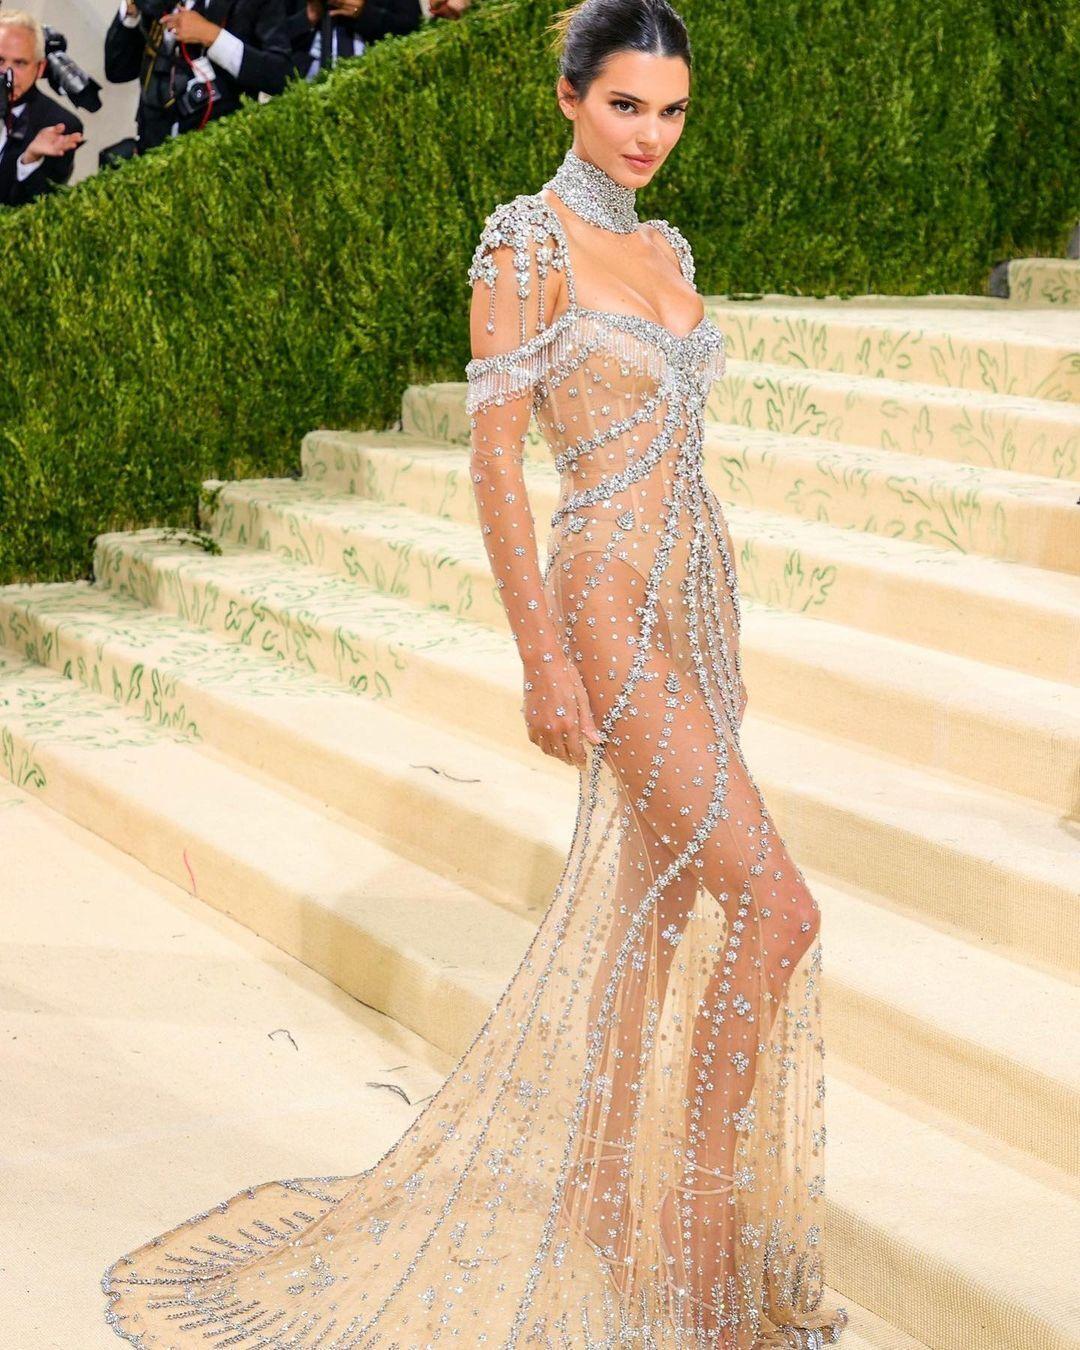 Кендалл Дженнер у прозорій сукні.